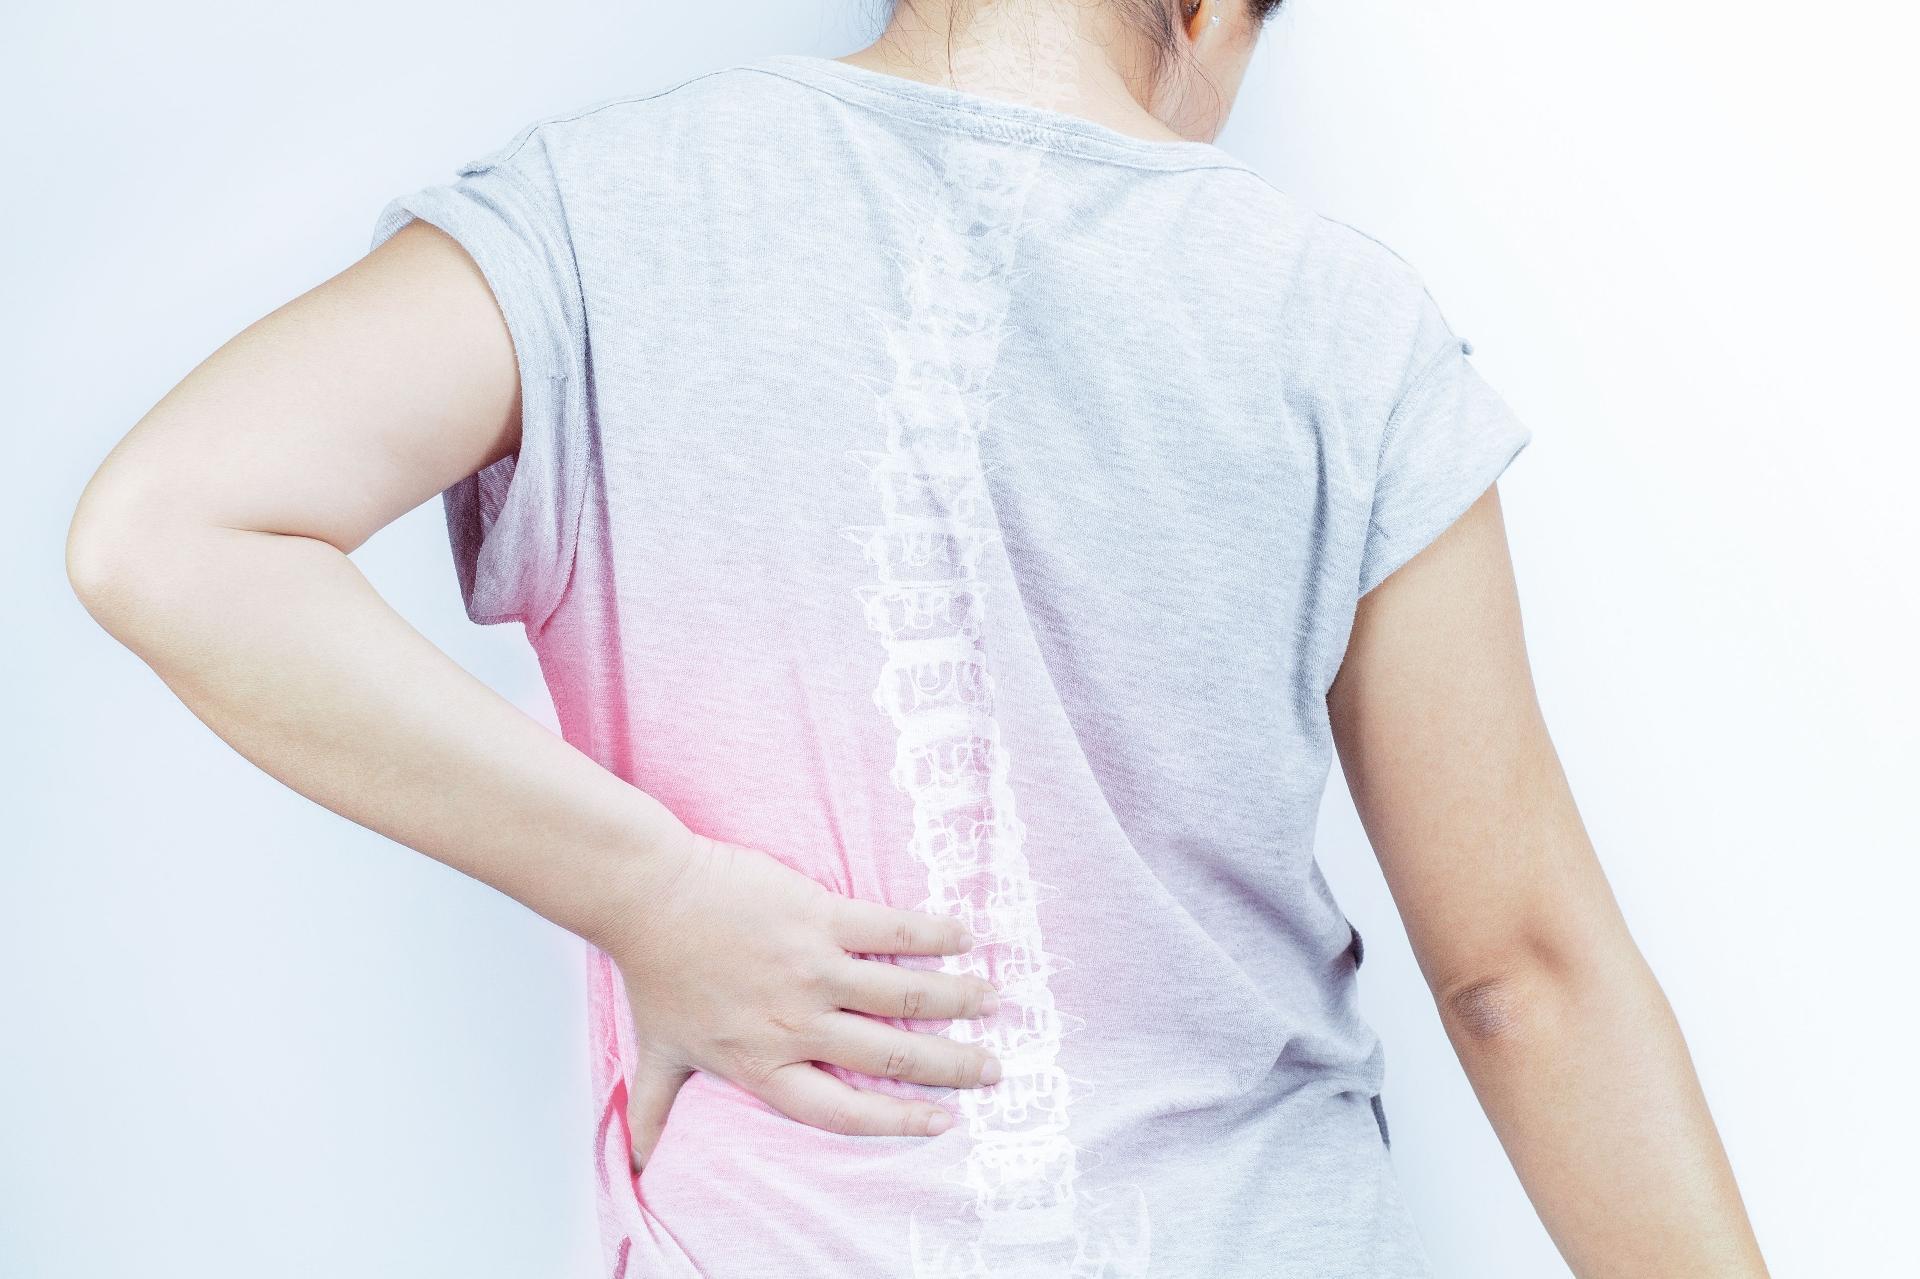 Gravidez durante direito apenas a dor lombar lado